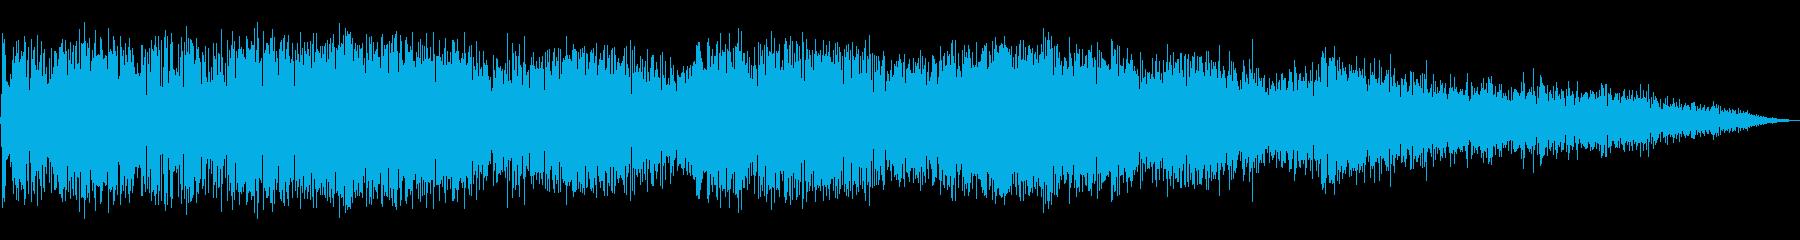 原子爆弾爆発;ヴィンテージ録音;爆...の再生済みの波形